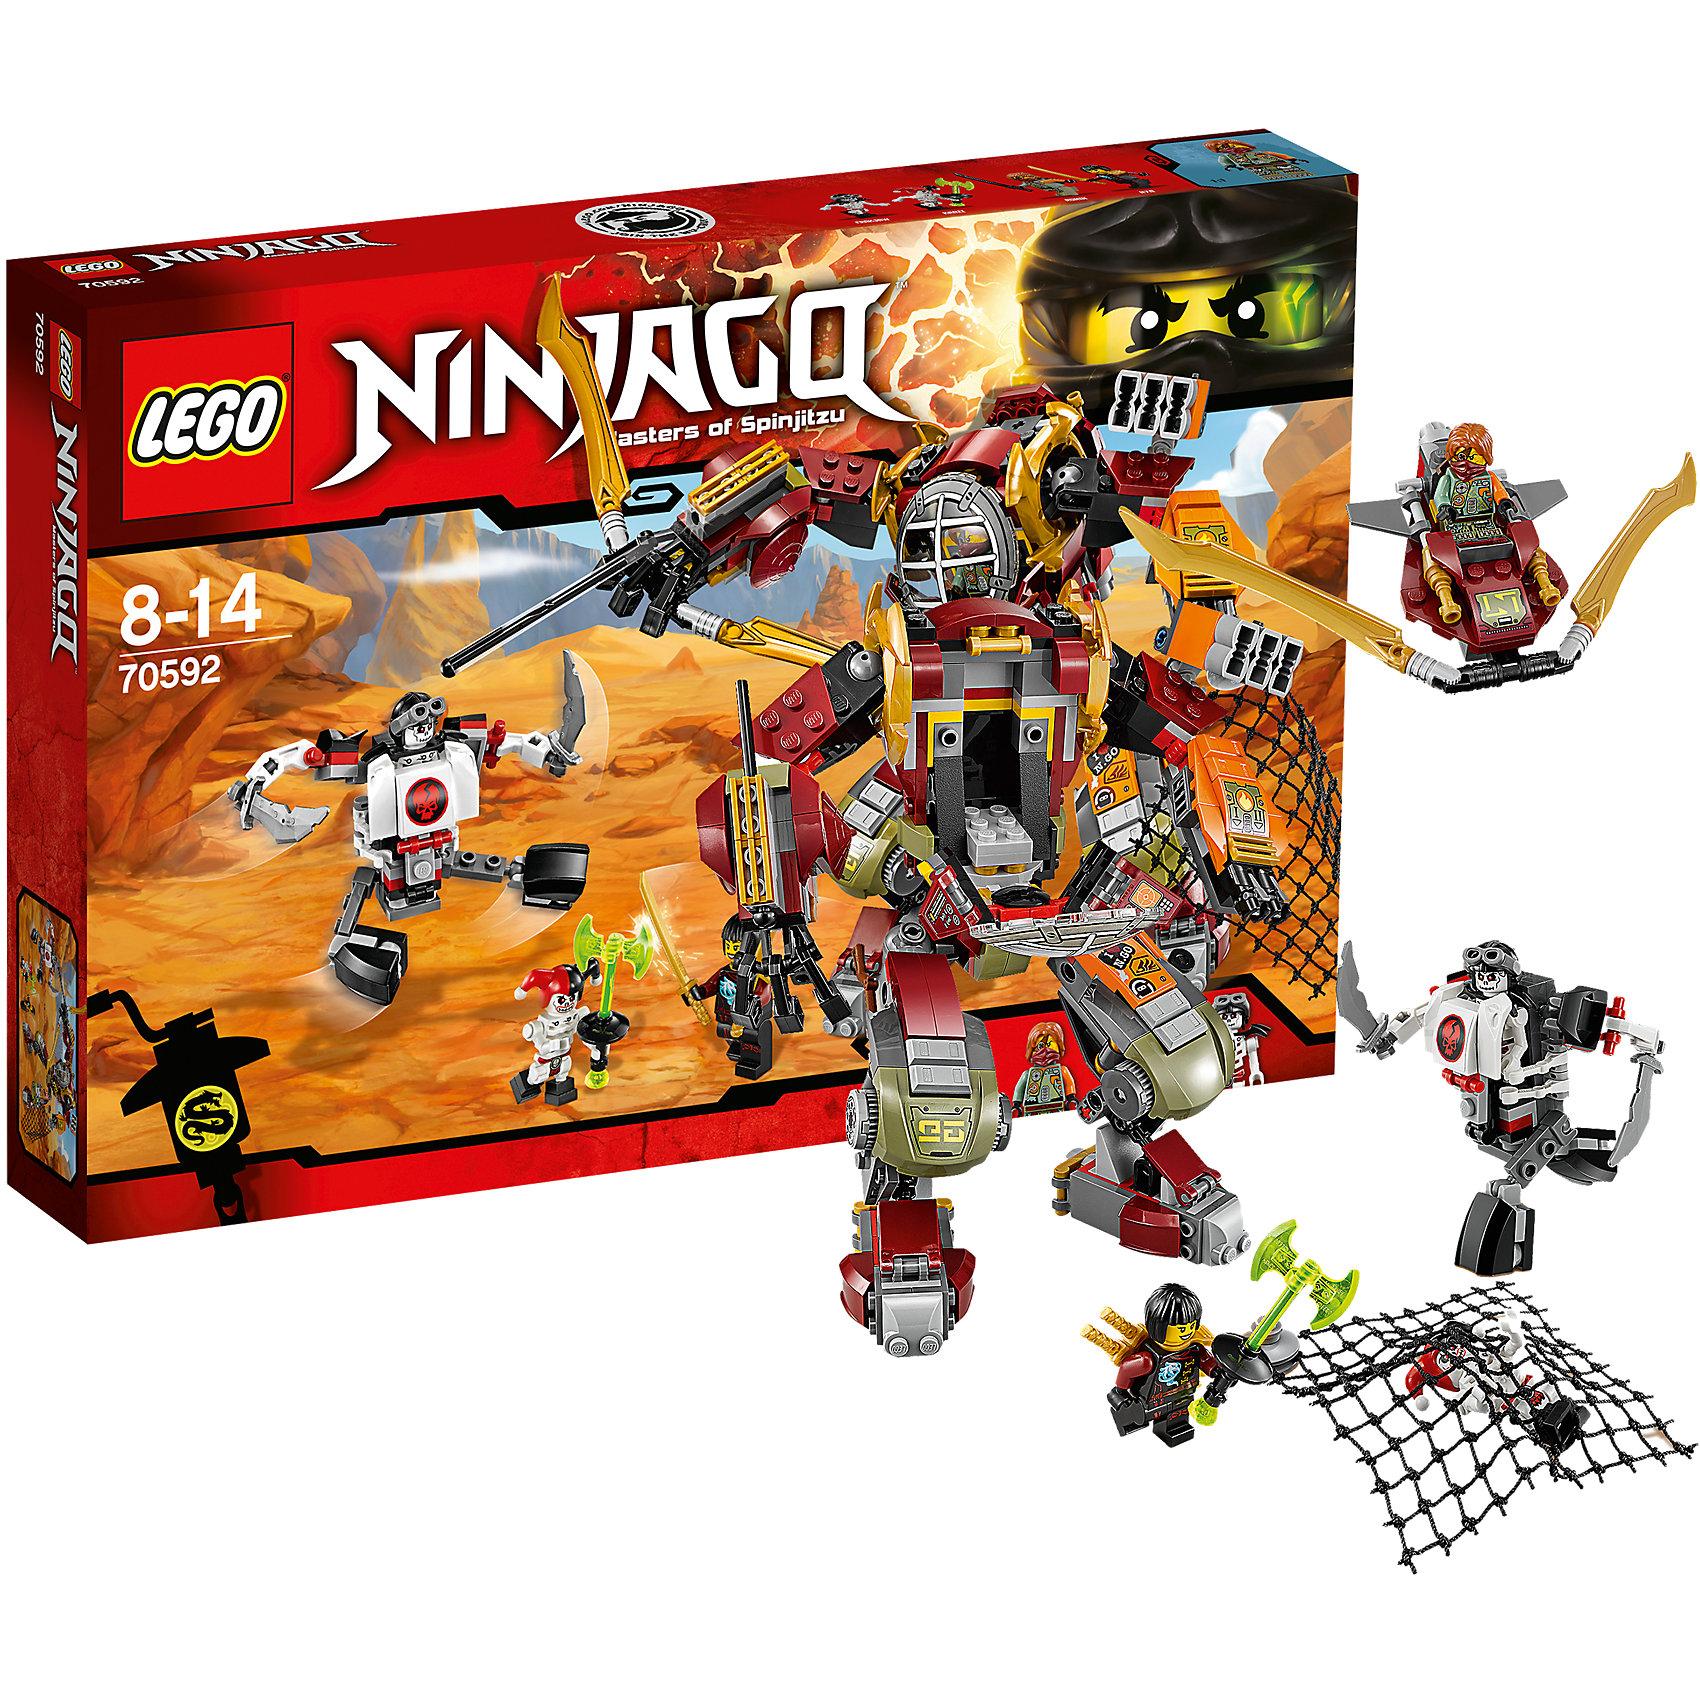 LEGO NINJAGO 70592: Робот-спасательКонструкторы и приключения обожает множество современных мальчишек, поэтому набор Лего, из которого можно собрать интересный сюжет, обязательно порадует ребенка. Такие игрушки помогают детям развивать воображение, мелкую моторику, логику и творческое мышление.<br>Набор состоит из множества деталей, с помощью которых можно  собрать декорации для игр, а также в нем есть фигурки любимых персонажей! С таким комплектом можно придумать множество игр!<br><br>Дополнительная информация:<br><br>цвет: разноцветный;<br>размер коробки: 38 х 6 х 26 см;<br>вес: 568 г;<br>материал: пластик;<br>количество деталей: 439.<br><br>Набор Робот-спасатель от бренда LEGO NINJAGO можно купить в нашем магазине.<br><br>Ширина мм: 384<br>Глубина мм: 266<br>Высота мм: 60<br>Вес г: 569<br>Возраст от месяцев: 96<br>Возраст до месяцев: 168<br>Пол: Мужской<br>Возраст: Детский<br>SKU: 4641243